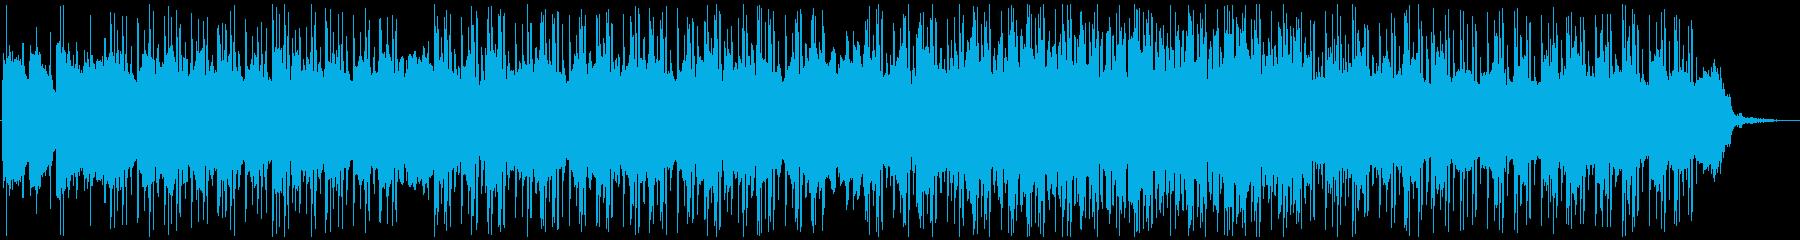 ローファイ色のあるトロピカルハウスの再生済みの波形